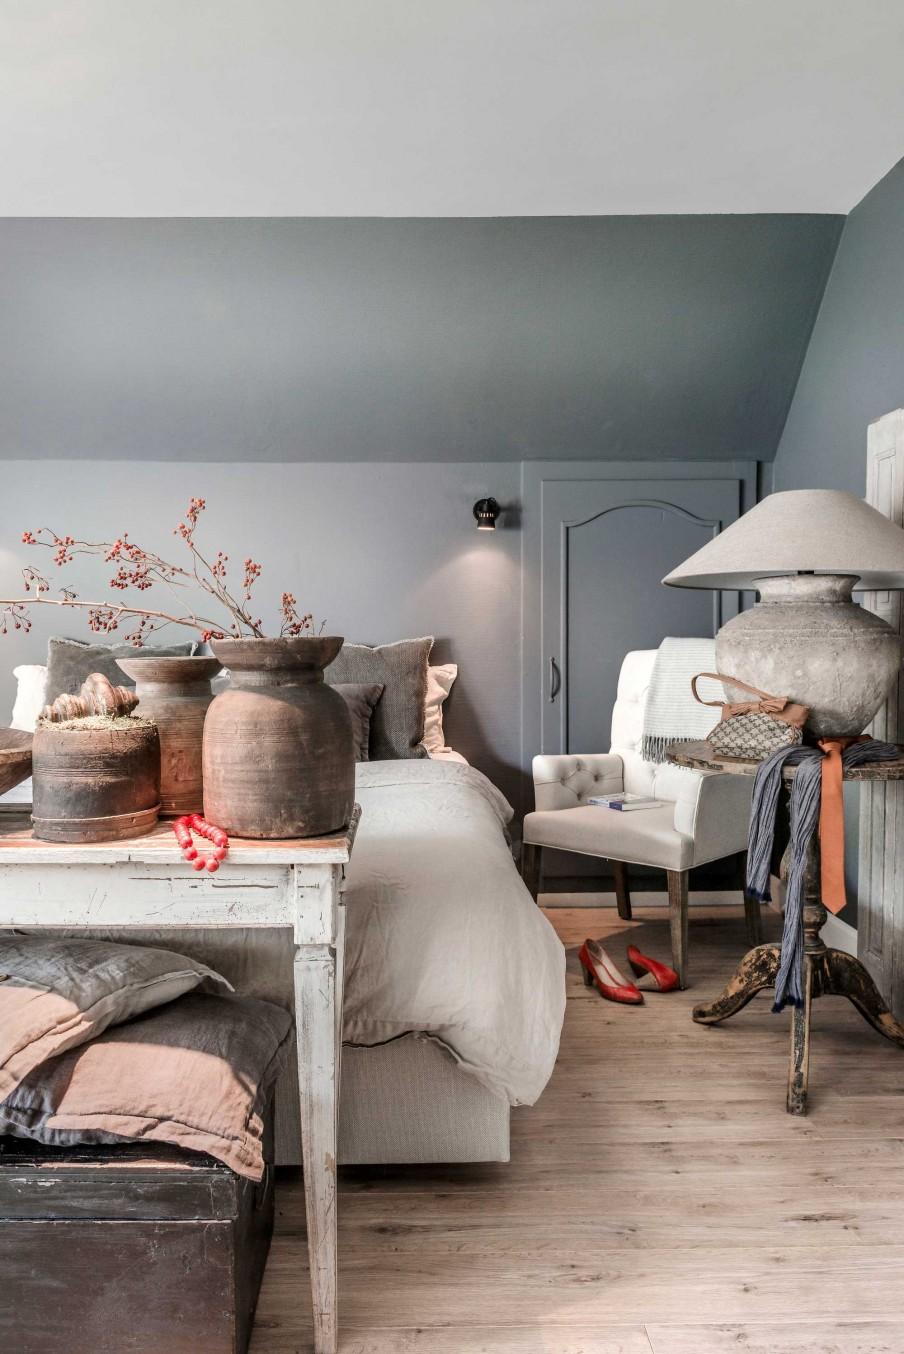 Las_claves_del_nuevo_rústico_decoración_dormitorio_tonalidades_neutras_madera_lino_terracota